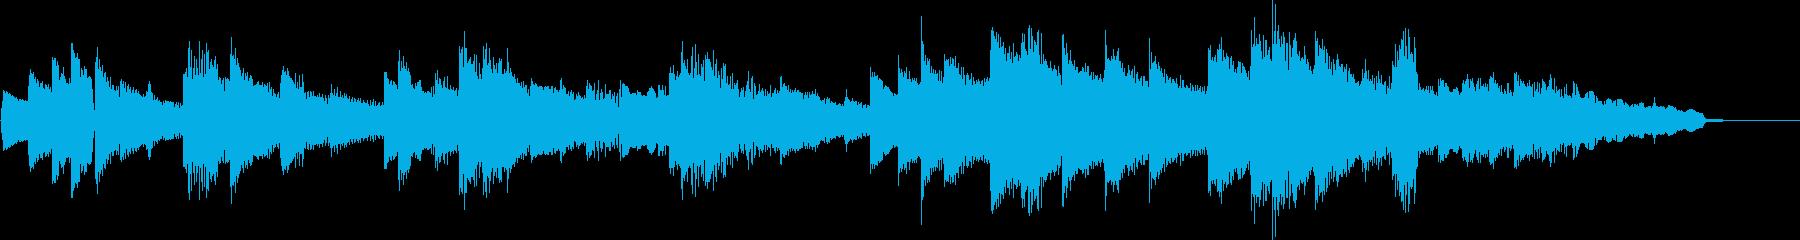 静かで落ち着くキーボード曲の再生済みの波形